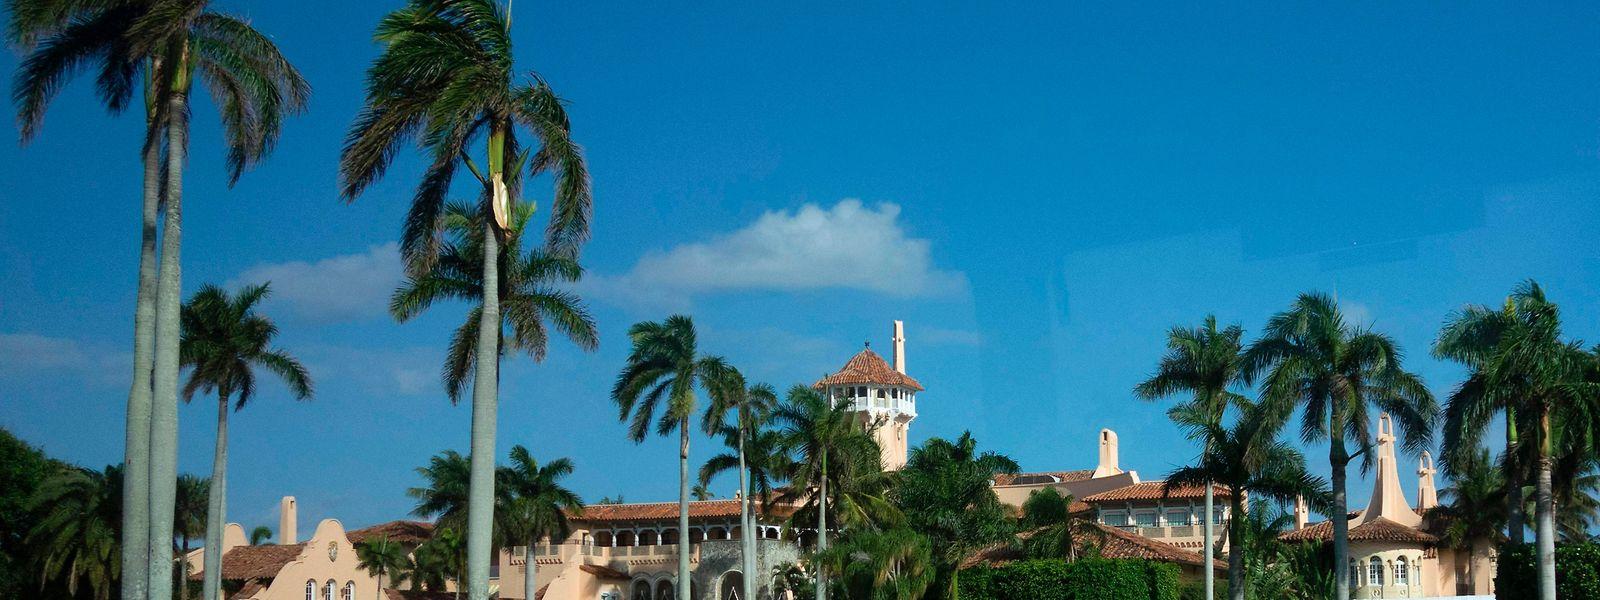 Donald Trump empfing in seinem Golfclub in Florida unter anderem den japanischen Premier Shinzo Abe.